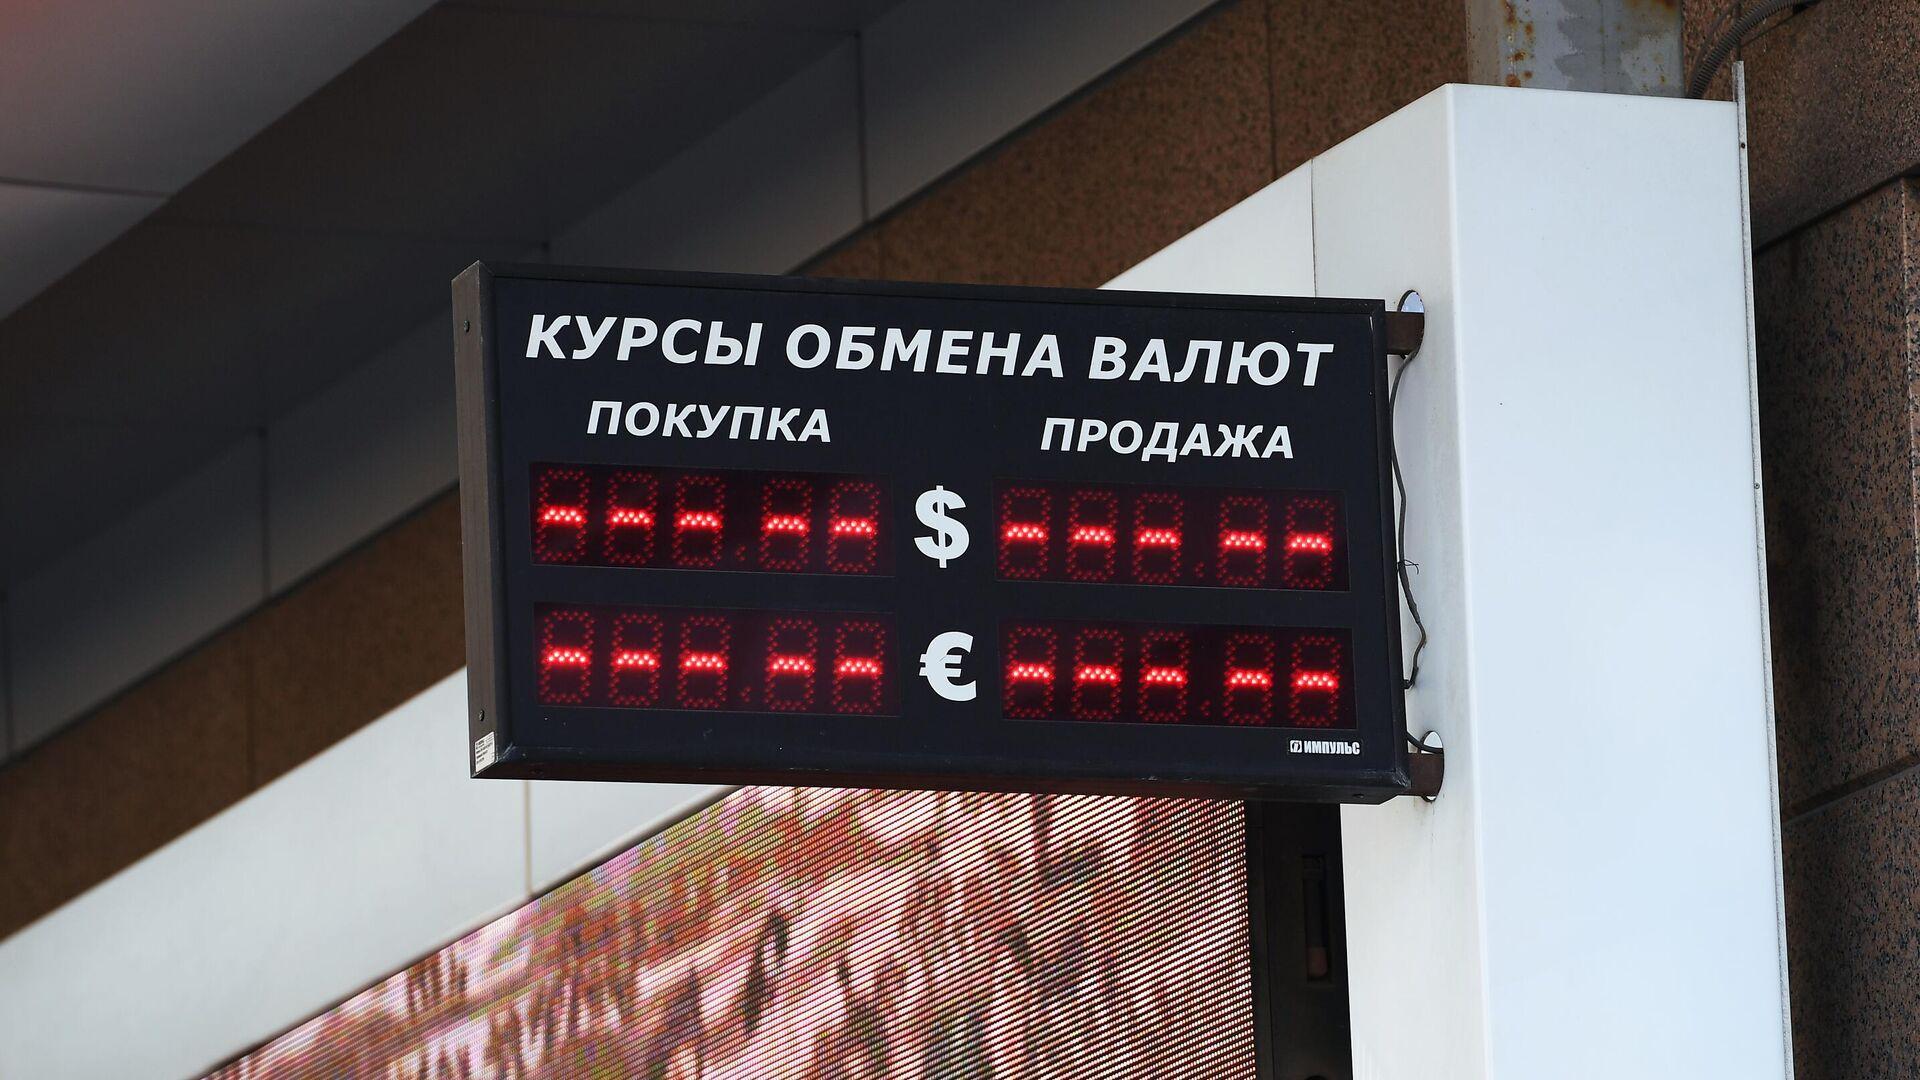 Табло курса обмена валют в Москве  - РИА Новости, 1920, 21.11.2020